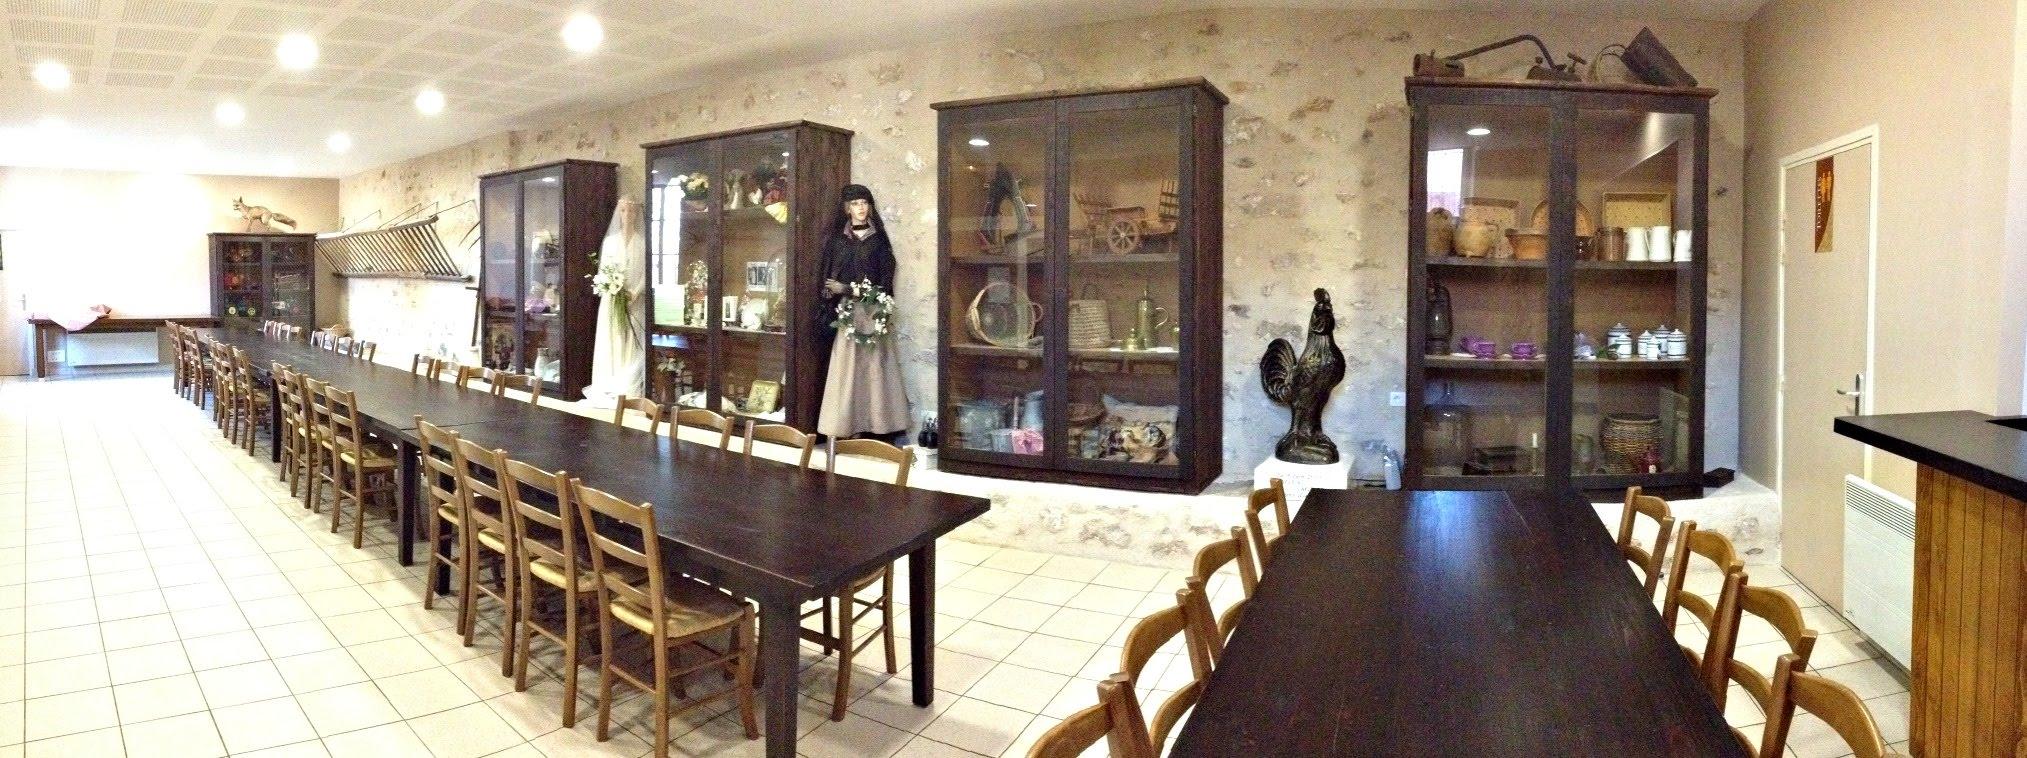 Salle de restauration du Musée de la Moisson